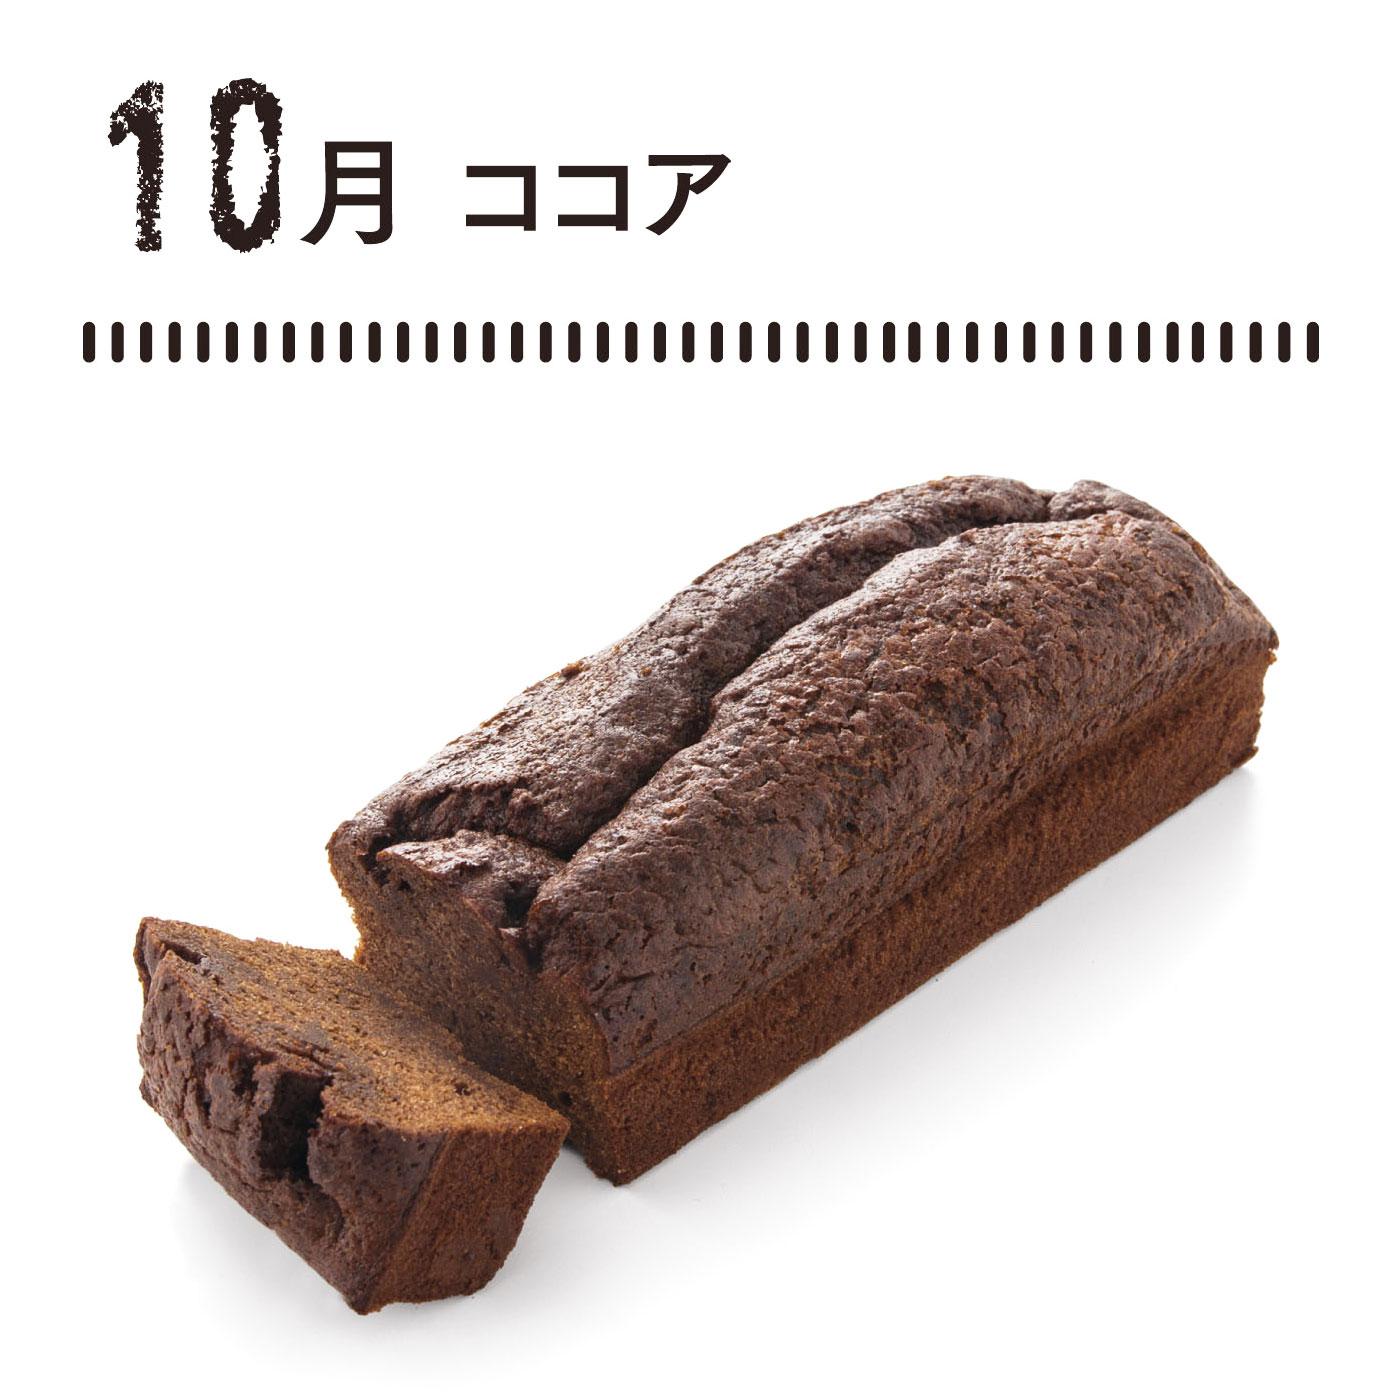 オーガニックココアのほろ苦い風味を少し残した、大人のチョコレートケーキ。